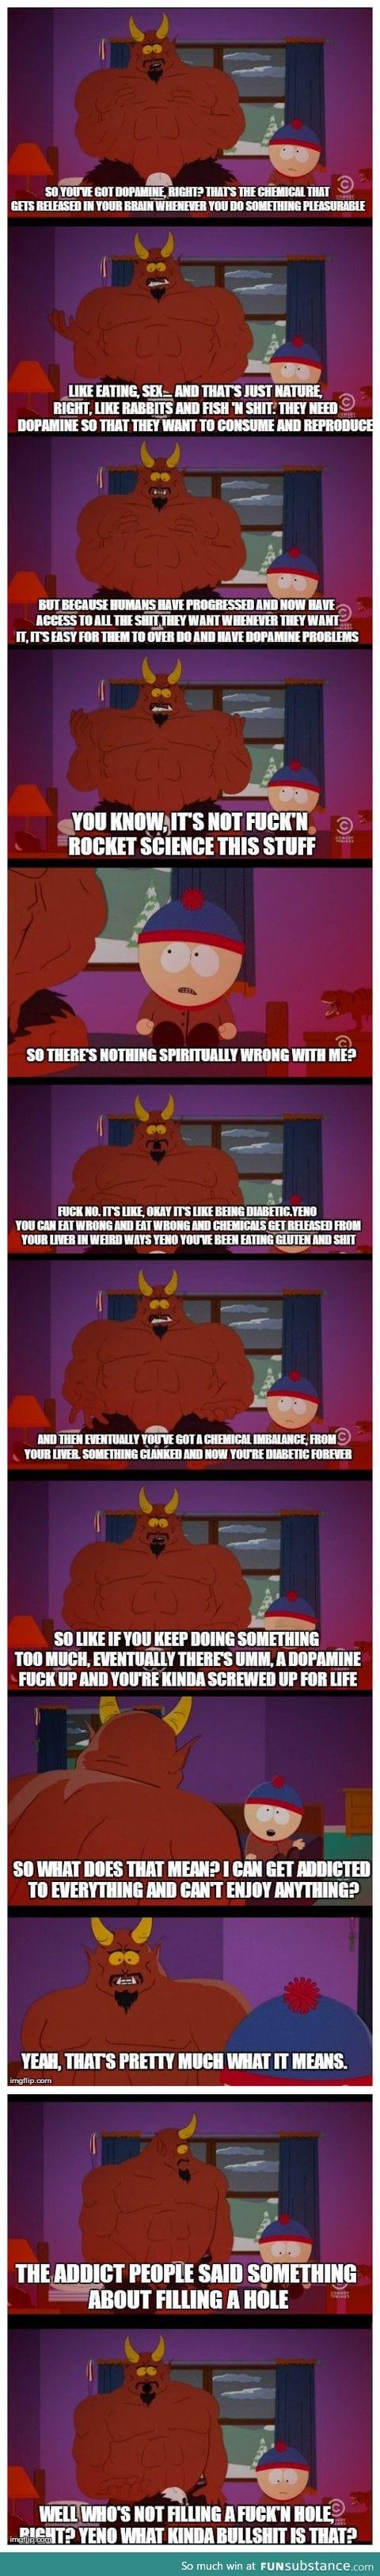 Satan on addiction